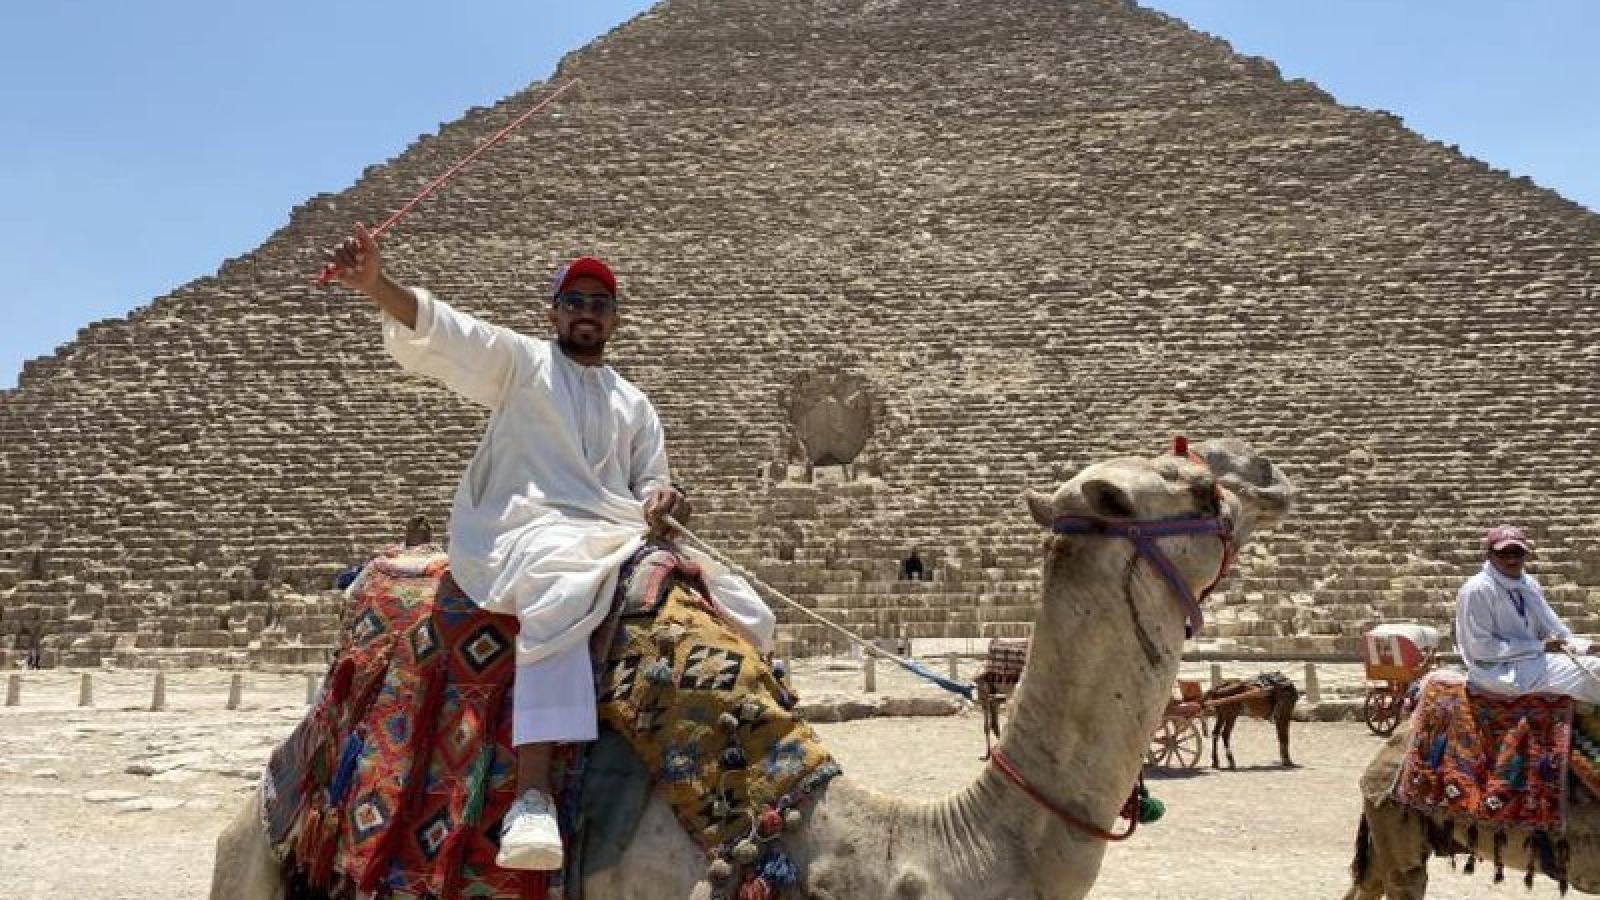 Du khách tới thăm Kim Tự Tháp Giza thưa thớt